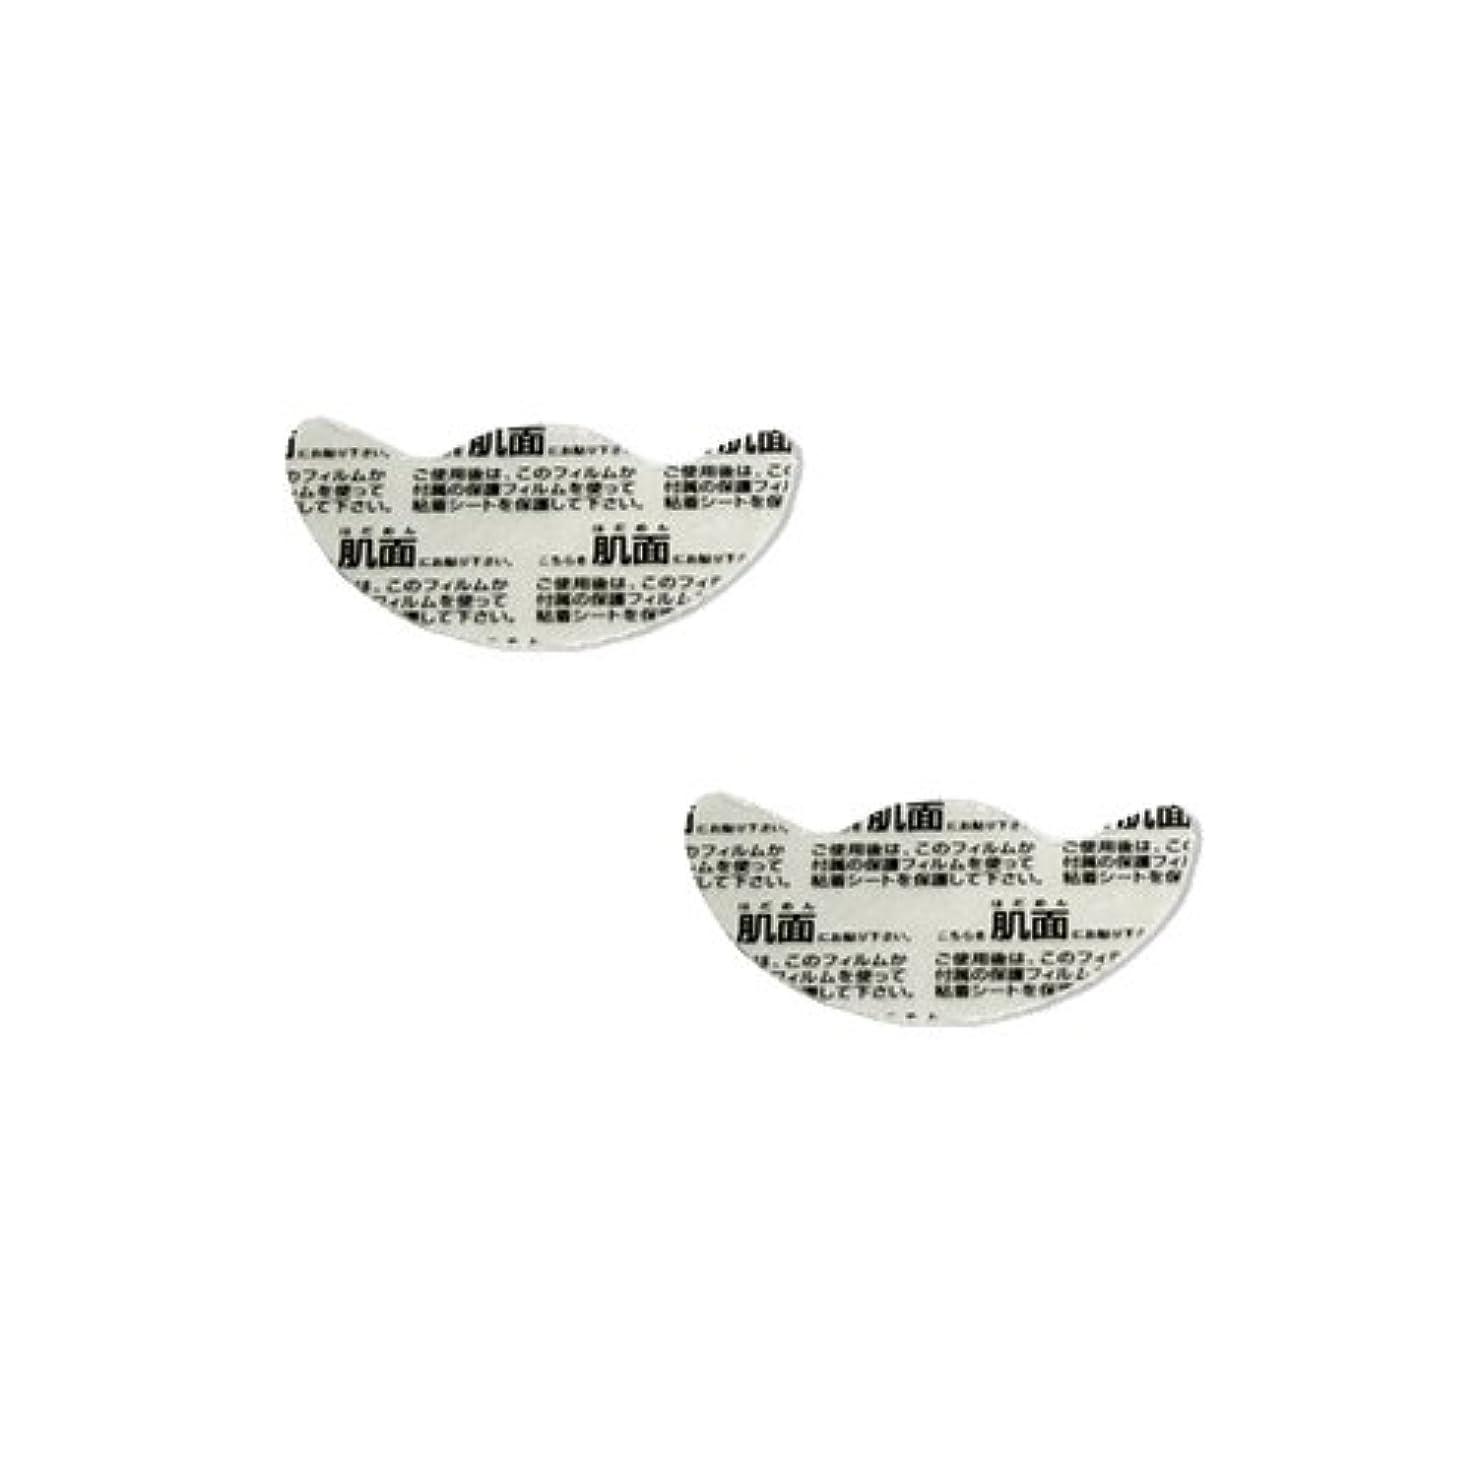 バドミントン気味の悪い収束ナール超音波EMS美顔器 小顔ナール(Kogao NARL) 交換用粘着シート 2枚入(2枚×1組)